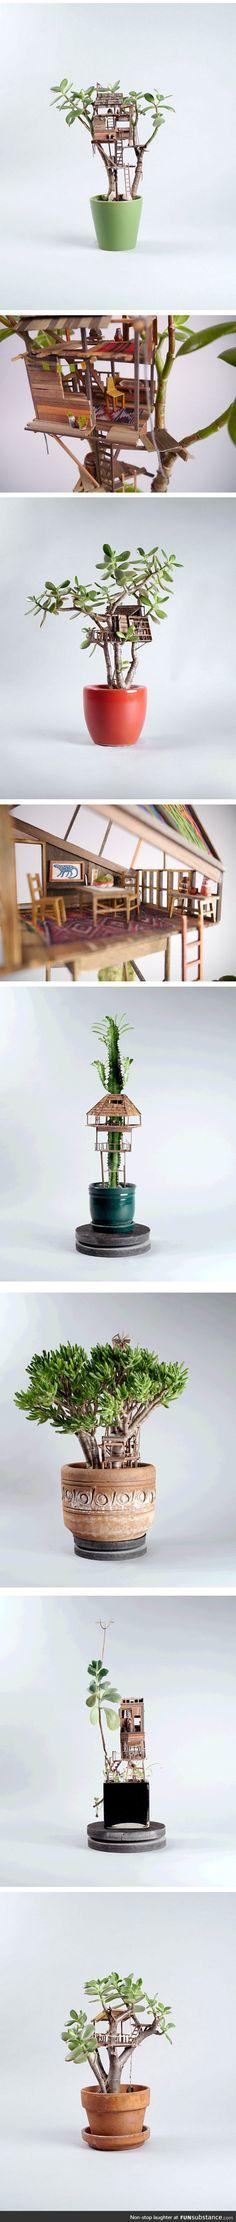 Bauhaus in einer Topfpflanze